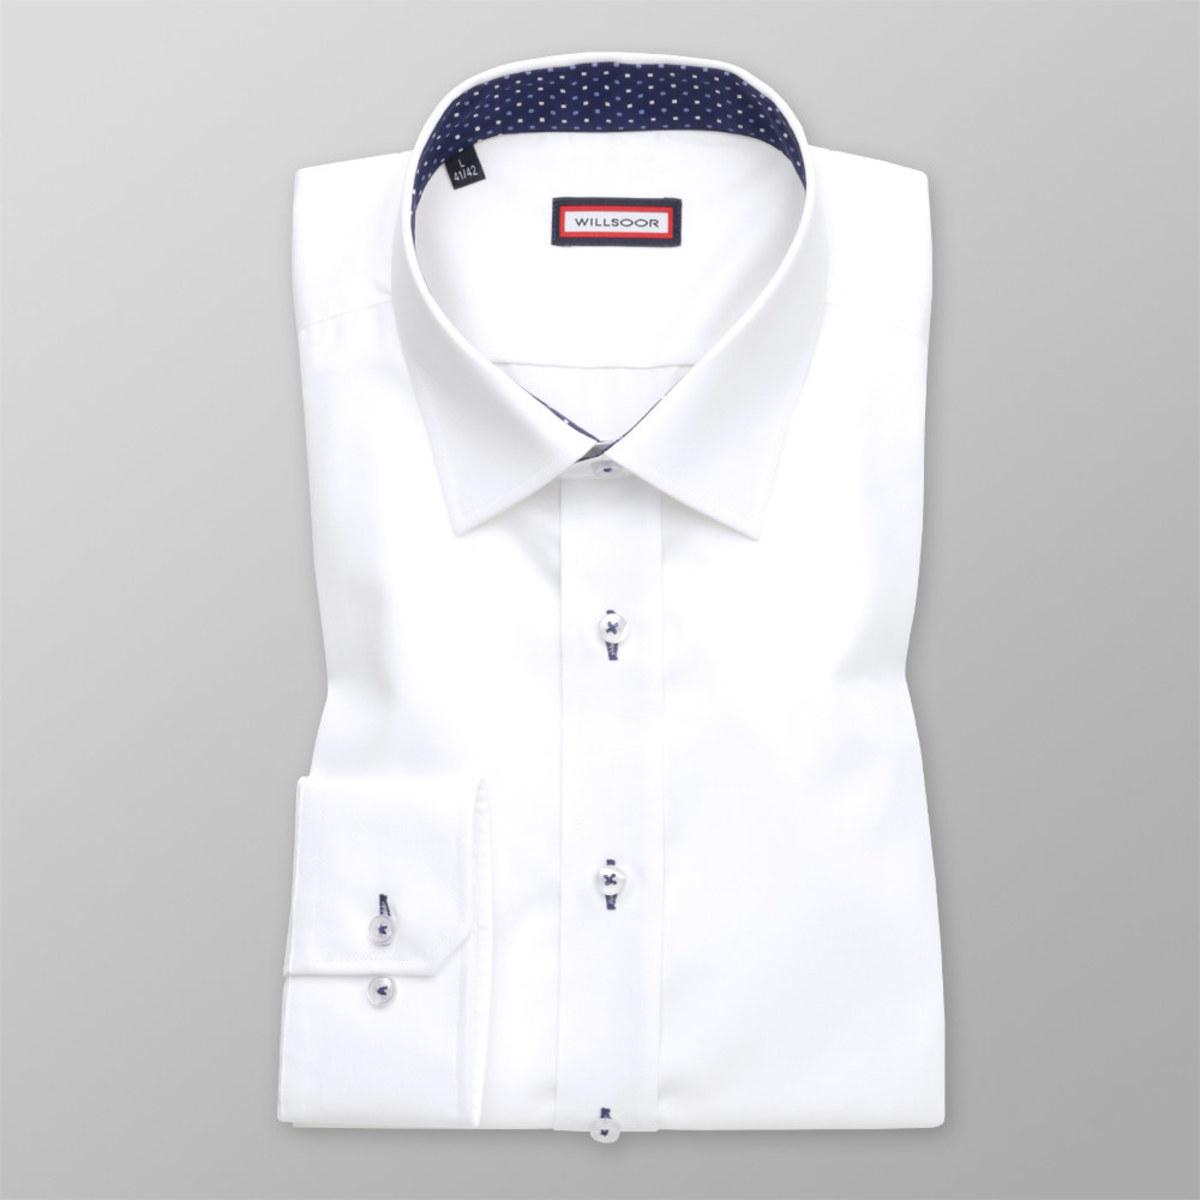 Košile Slim Fit bílé barvy (výška 176-182) 10244 176-182 / M (39/40)